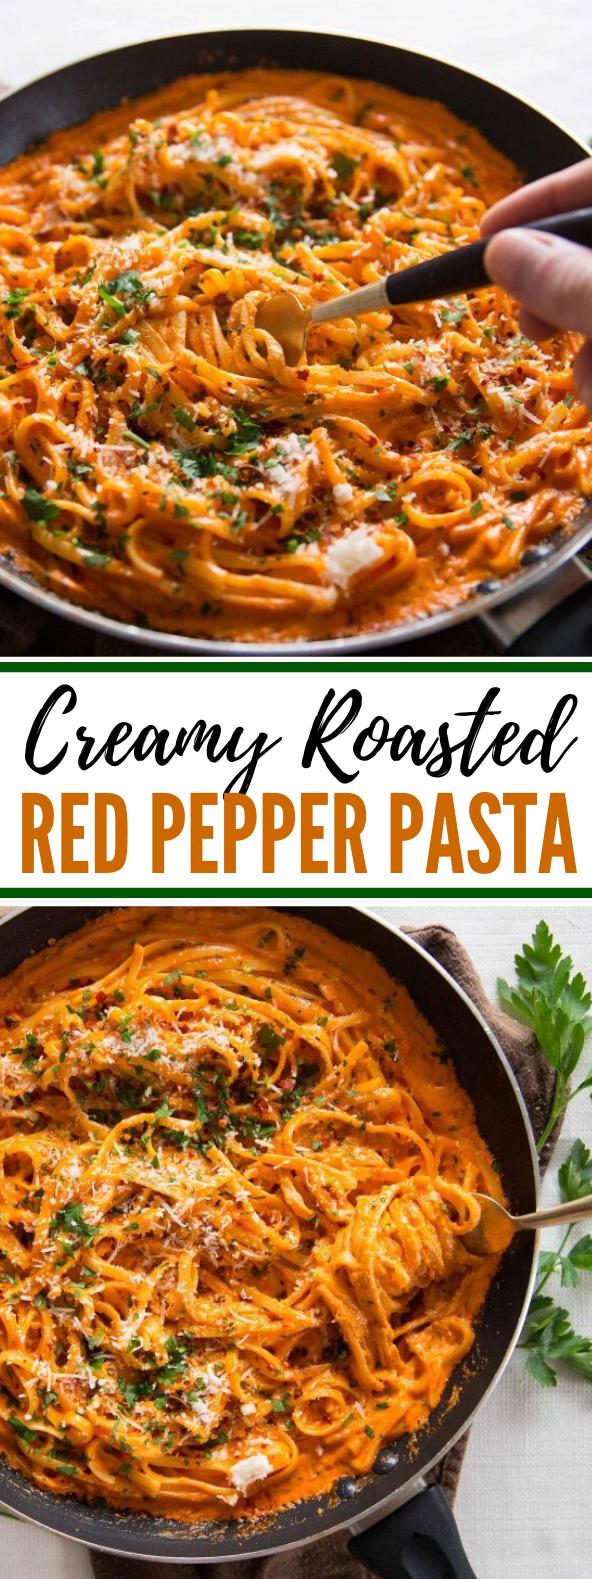 Creamy Roasted Red Pepper Pasta #dinner #familyrecipe